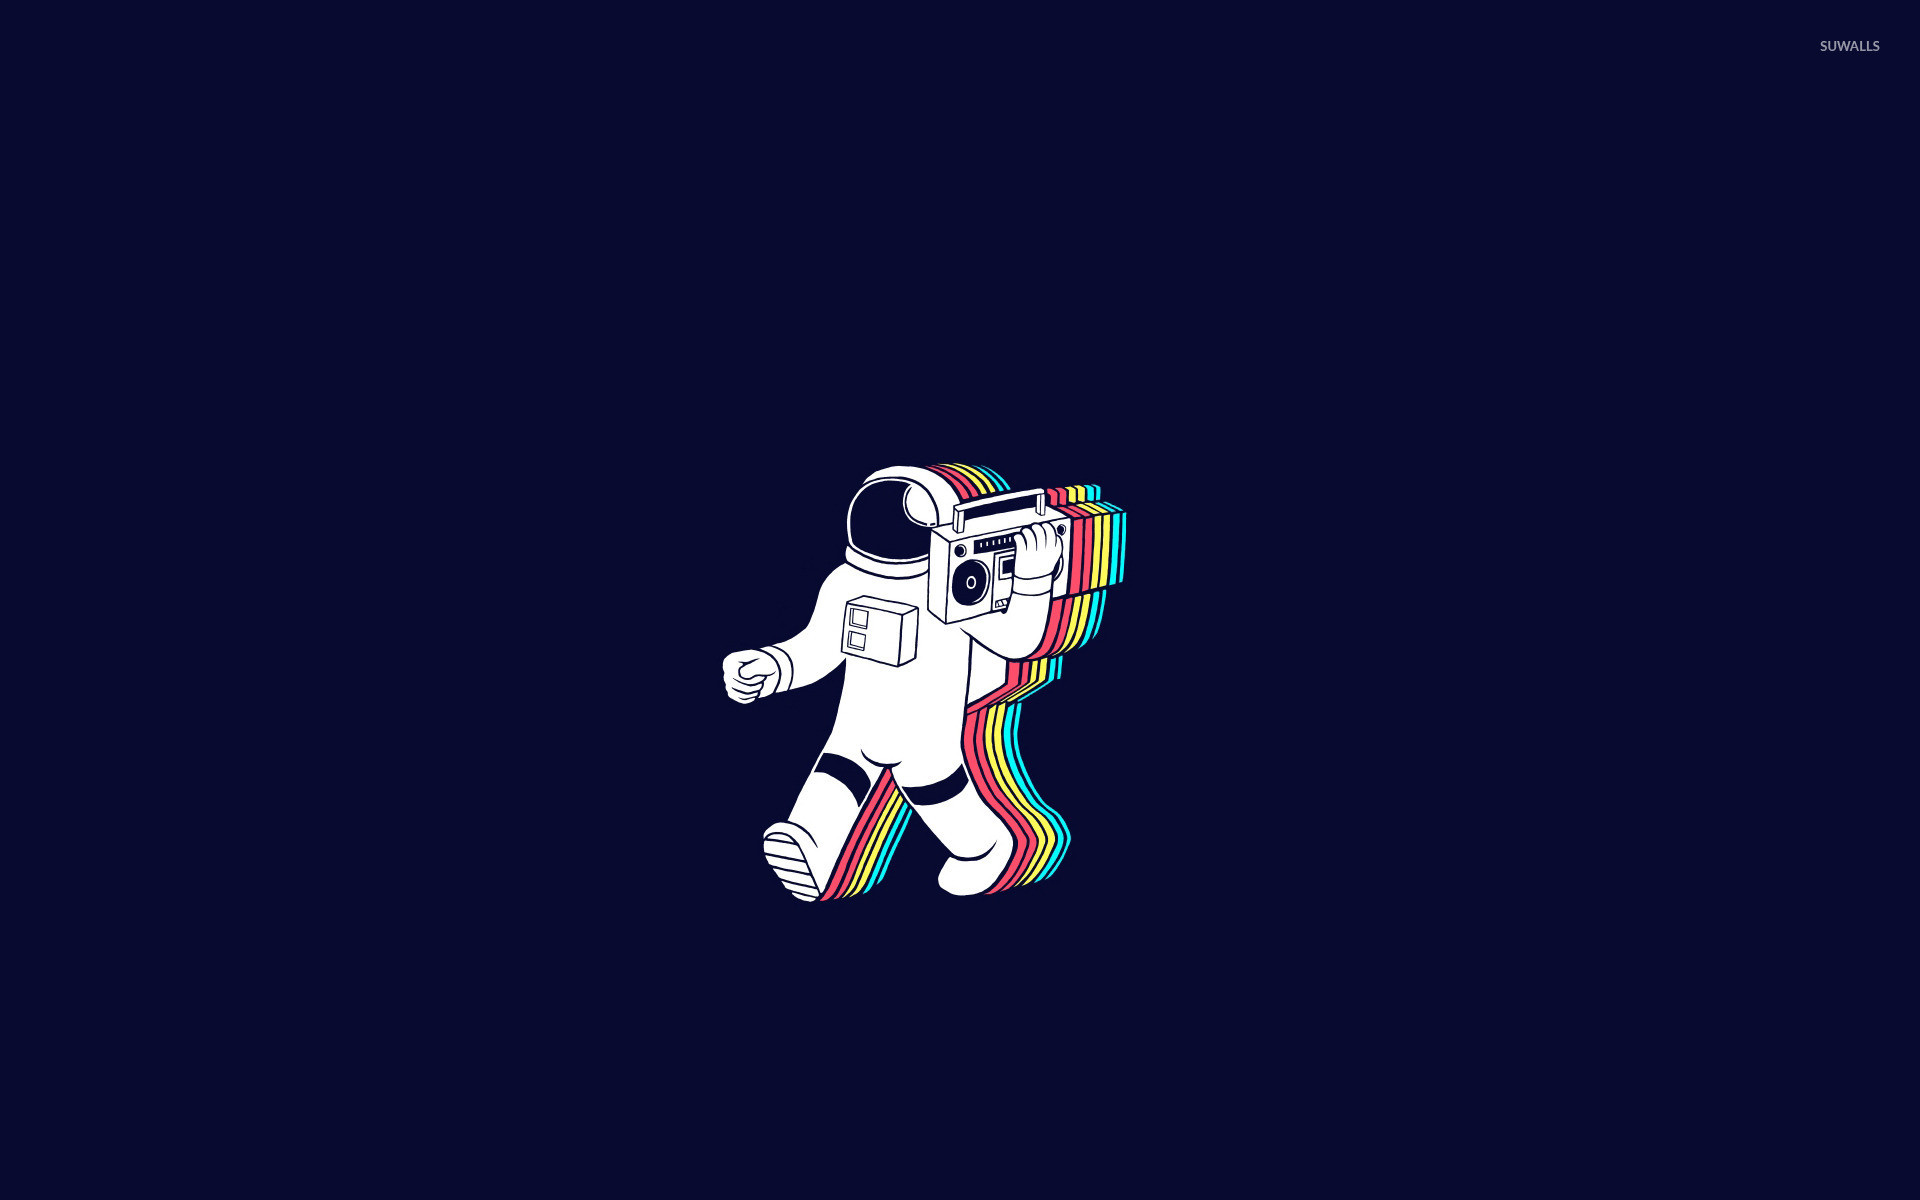 Astronaut HD Live Wallpaper – DSC78 Screenshot